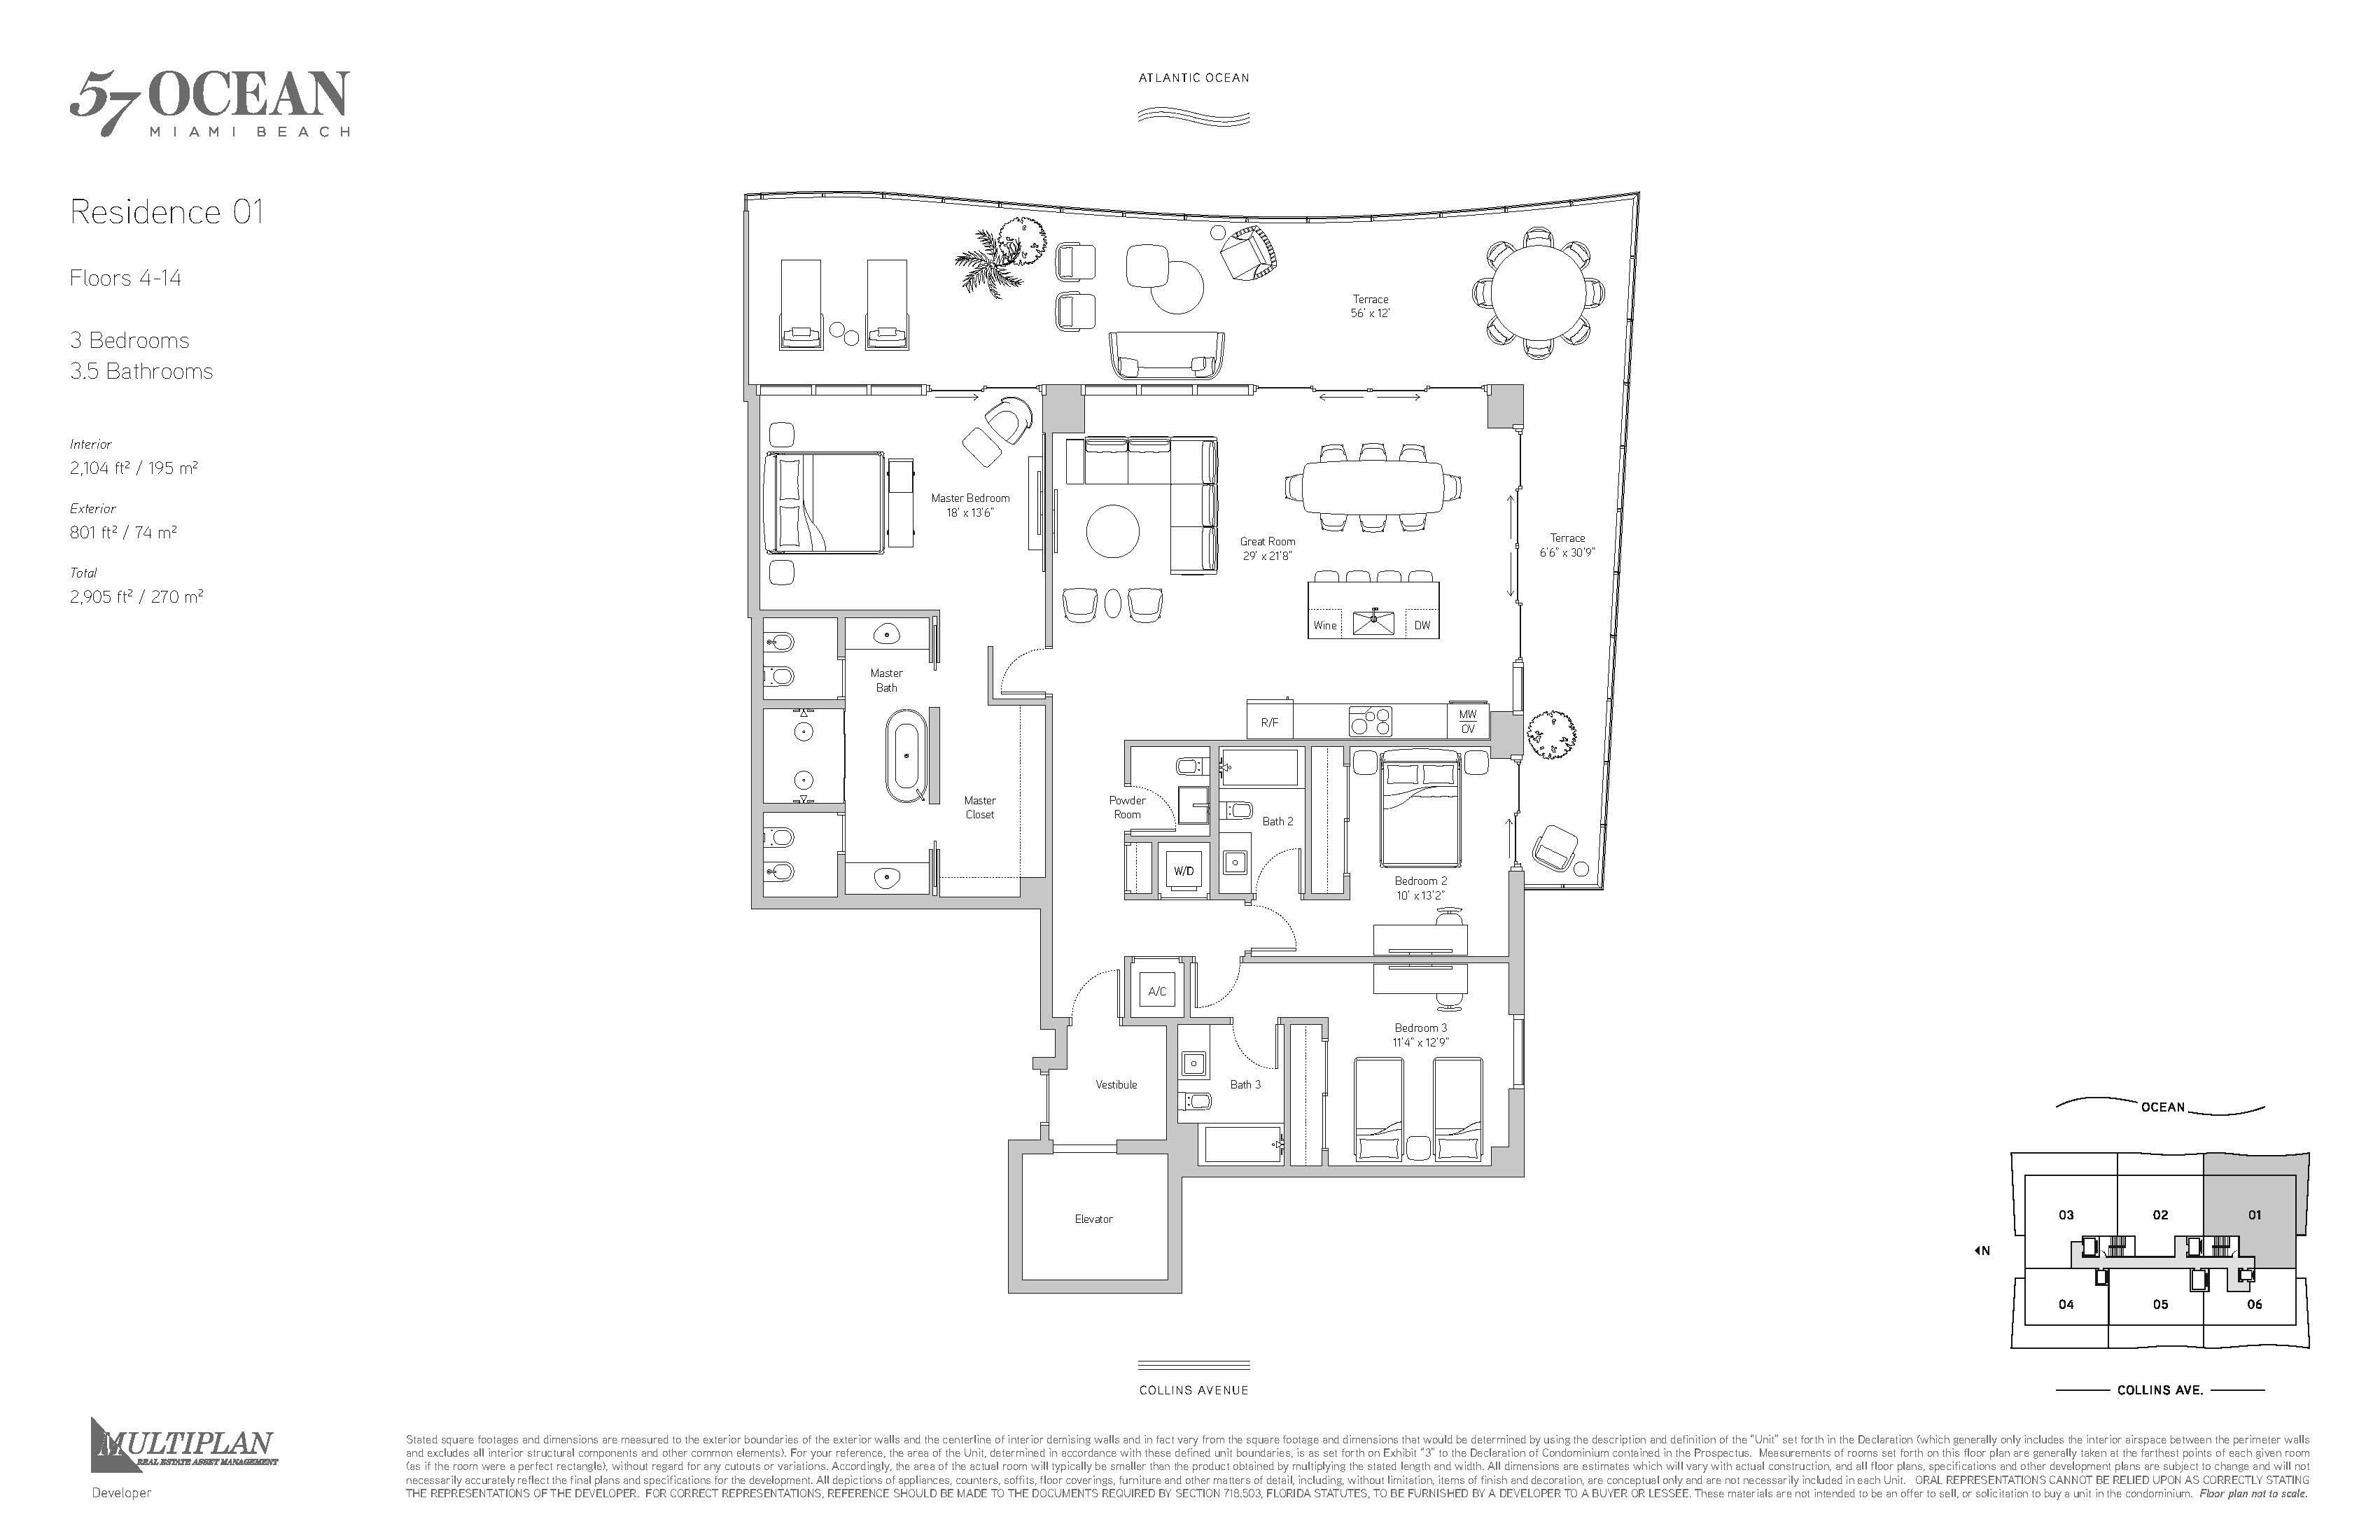 57 Ocean Condo - 3 Bedroom - 01-Line